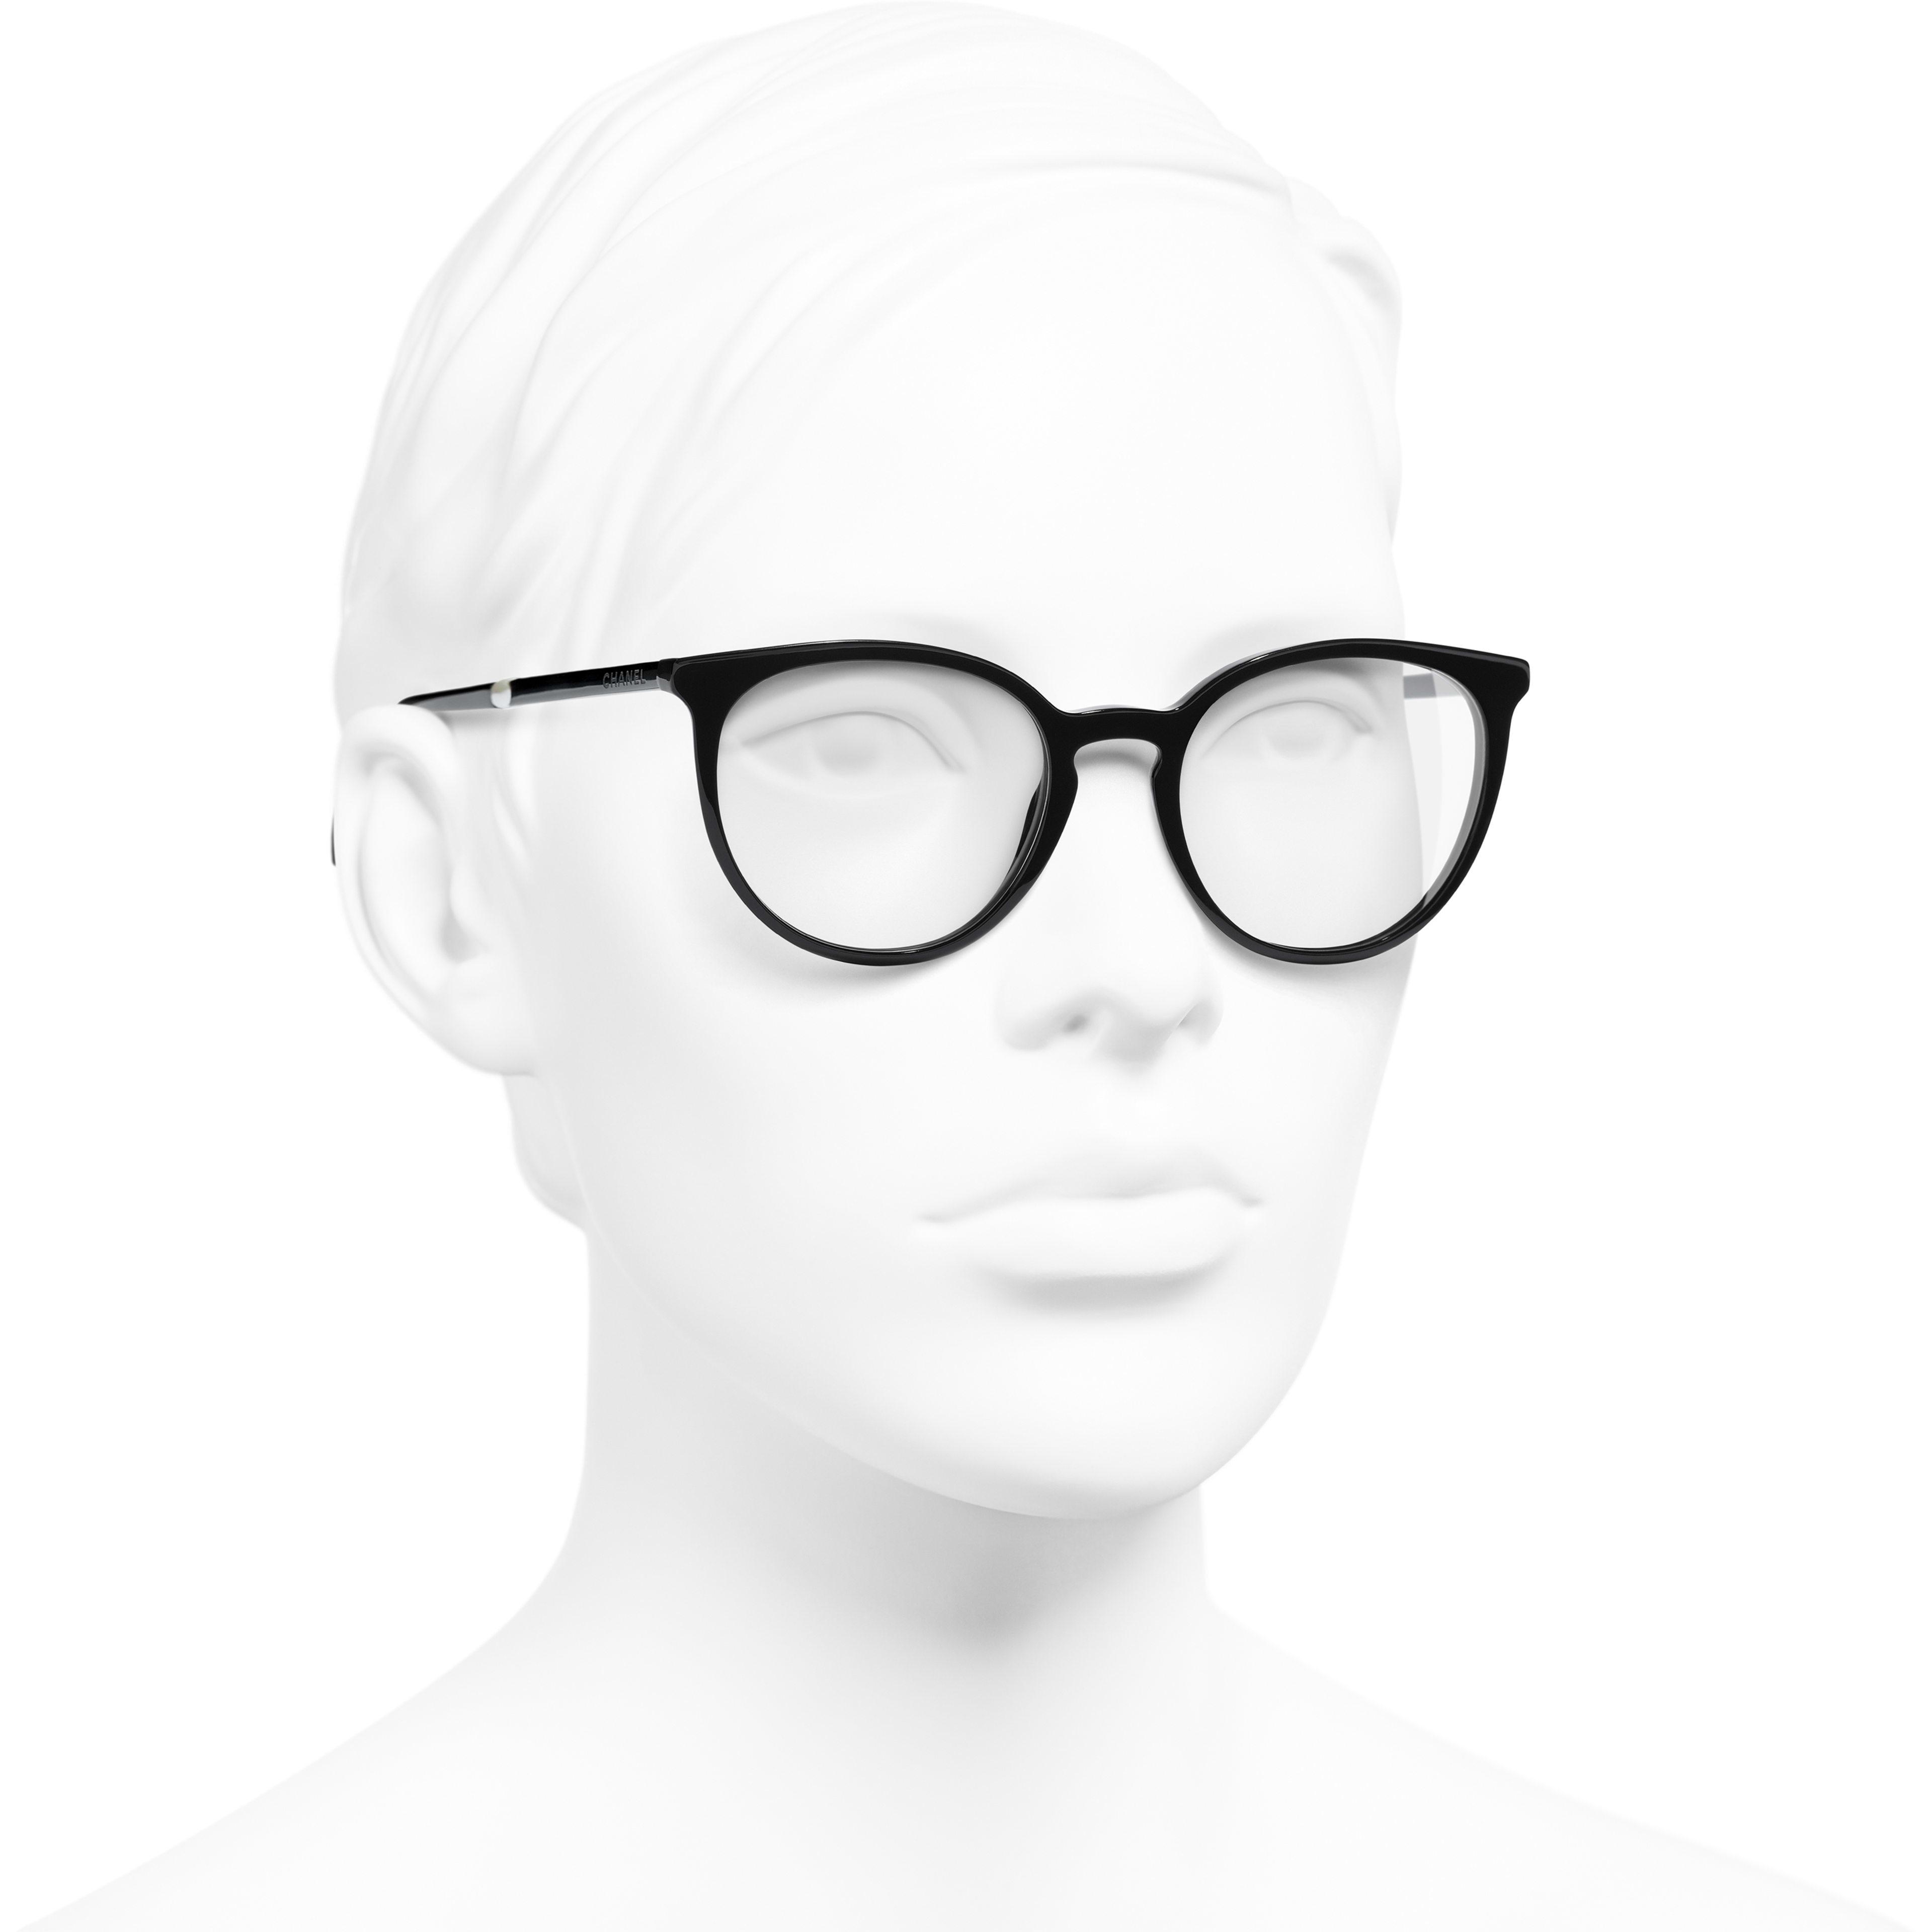 แว่นสายตาทรง Pantos (แพนโทส) - สีดำ - อะซิเตทและมุก - มุมมองการสวมใส่ 3/4 - ดูเวอร์ชันขนาดมาตรฐาน